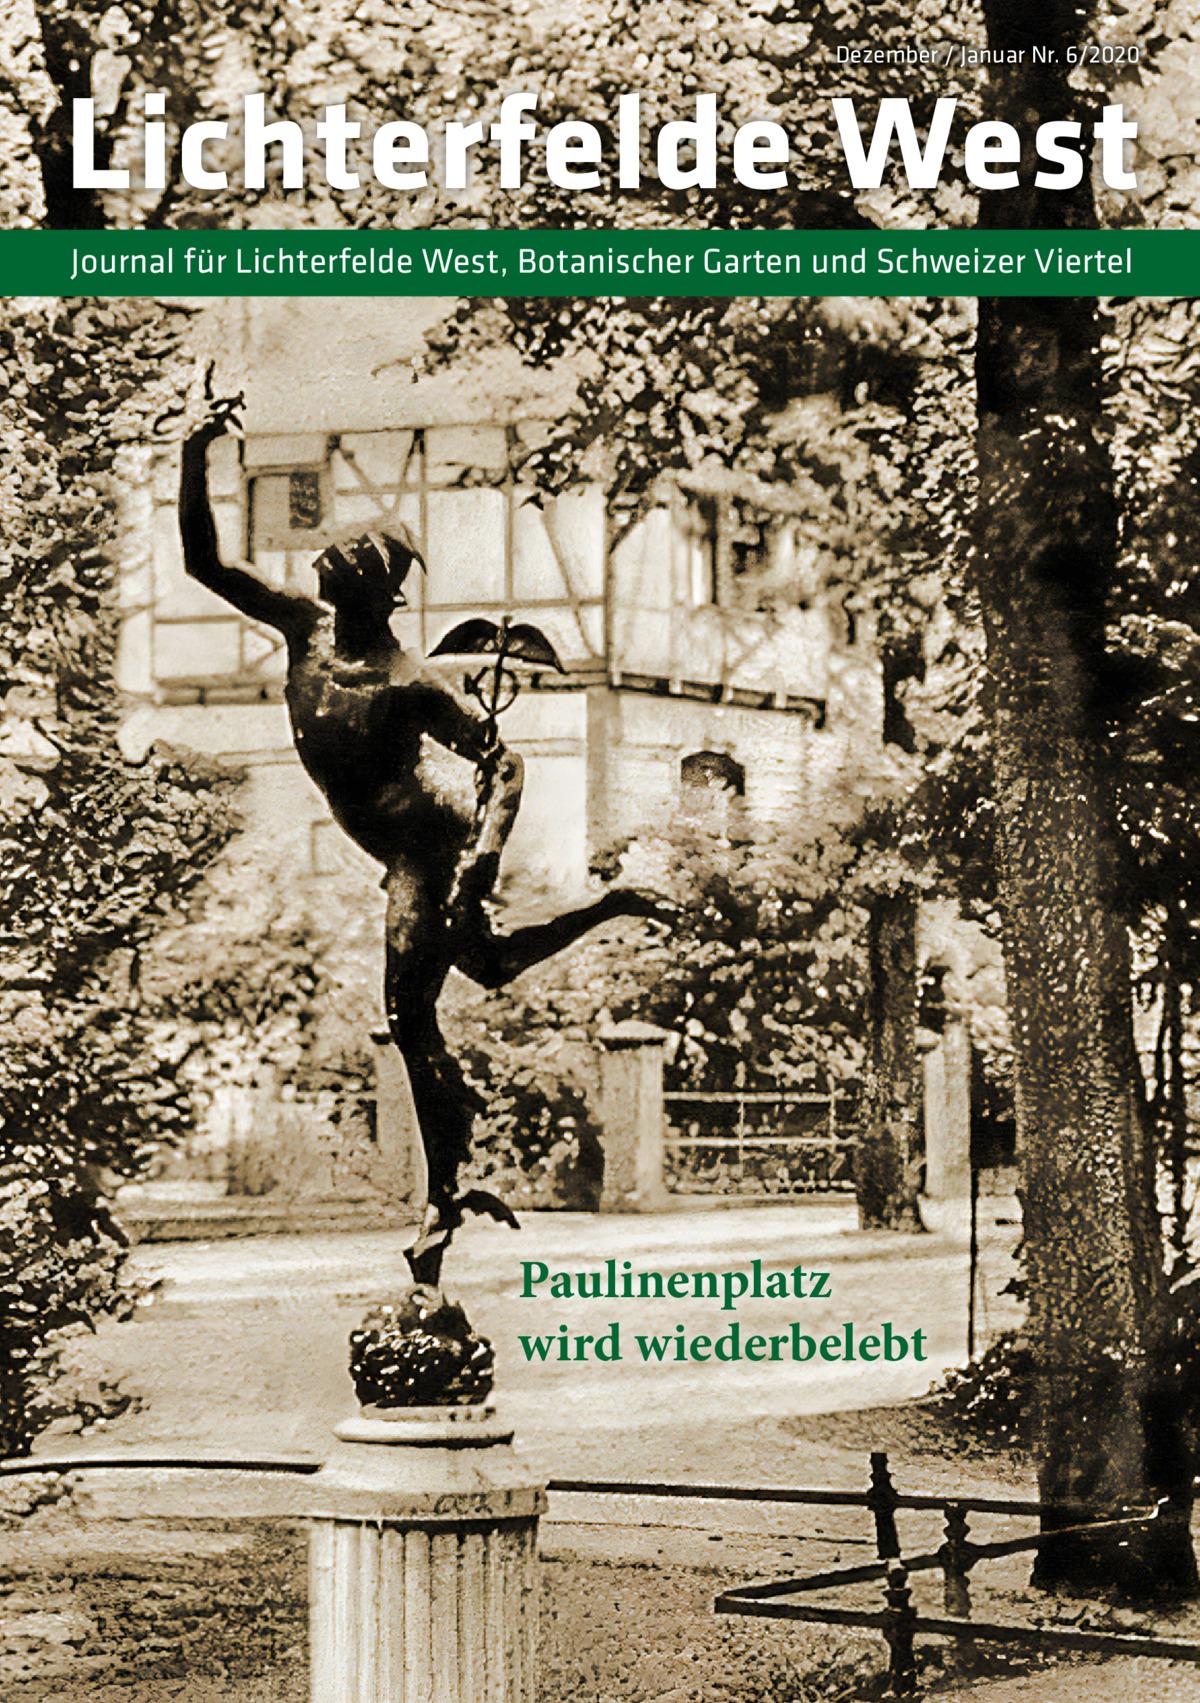 Dezember / Januar Nr. 6/2020  Lichterfelde West Journal für Lichterfelde West, Botanischer Garten und Schweizer Viertel  Paulinenplatz wird wiederbelebt